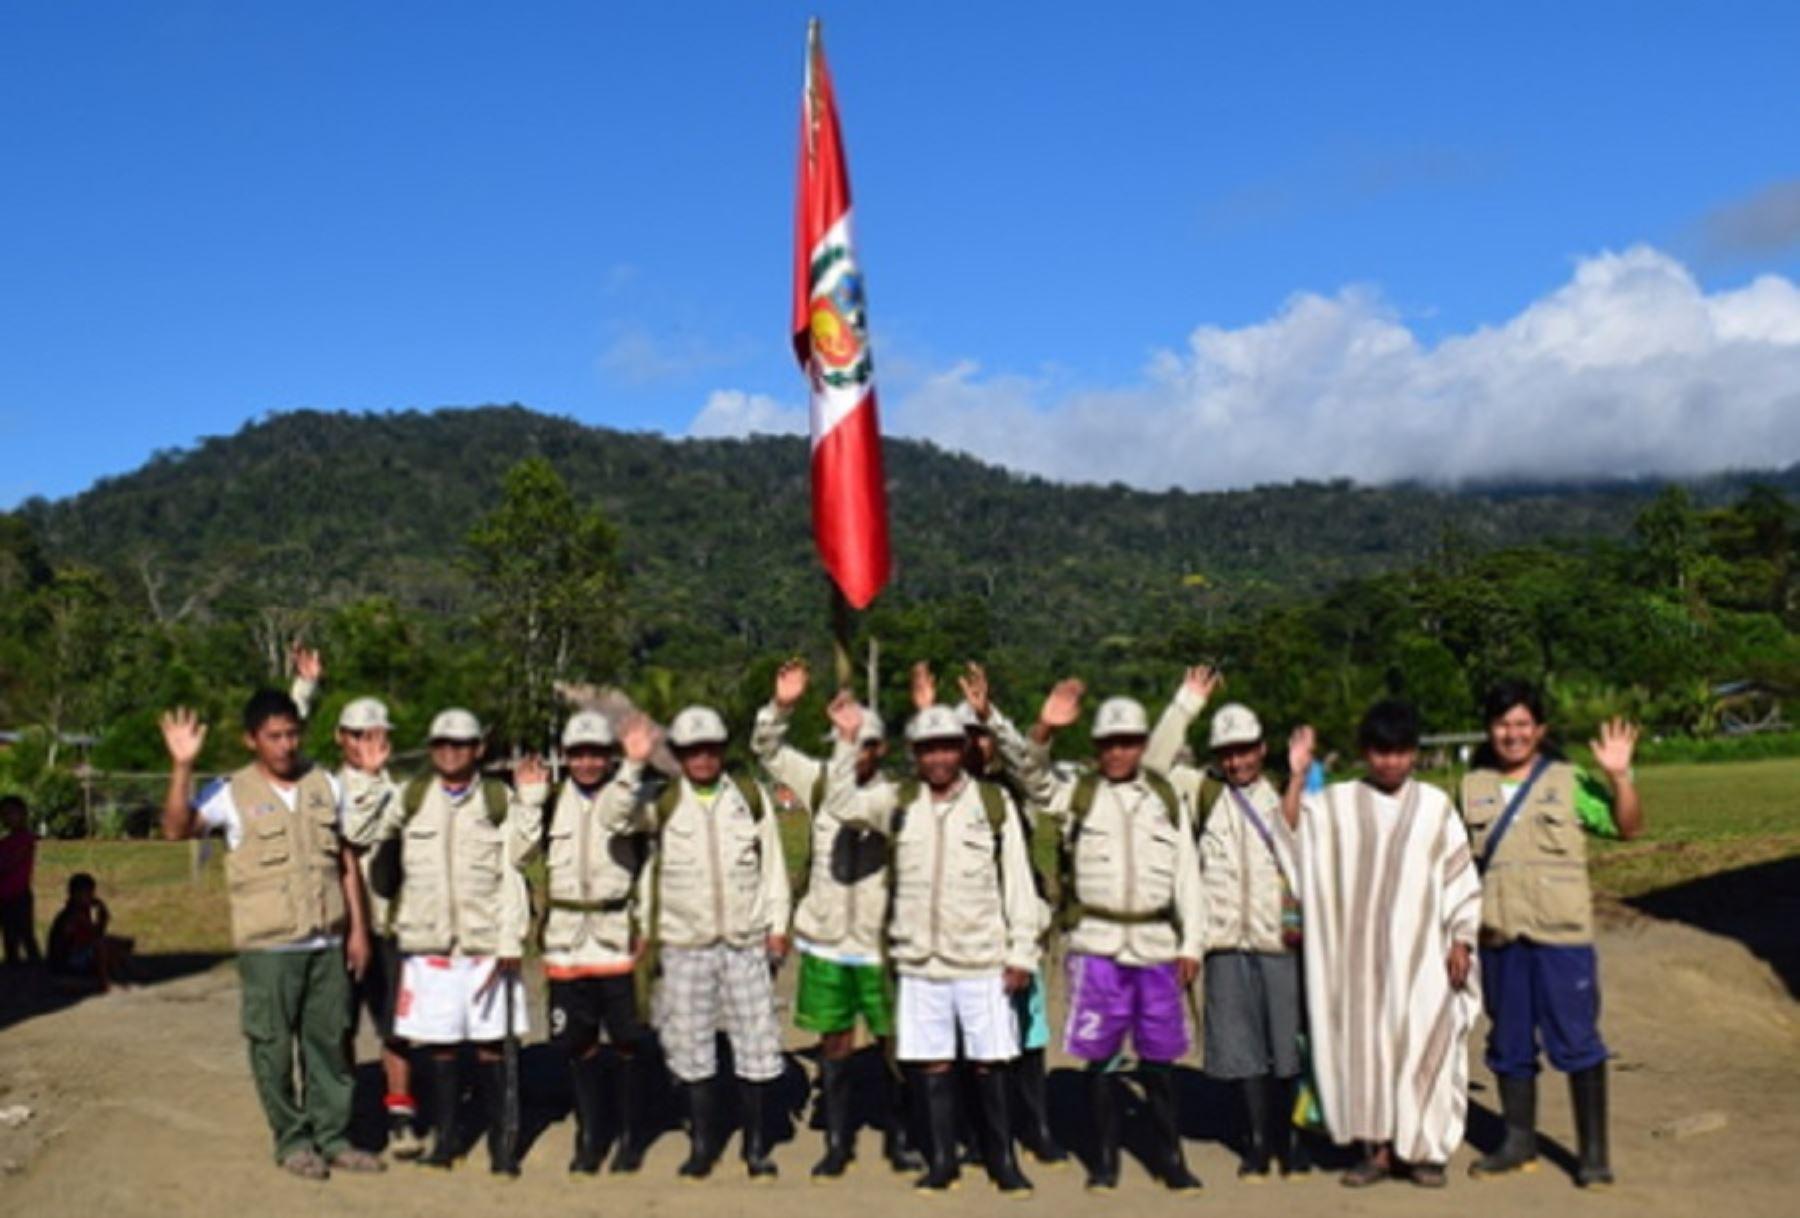 El Estado peruano reconoce que los defensores ambientales cumplen una labor esencial en el país y específicamente en la conservación del ambiente.